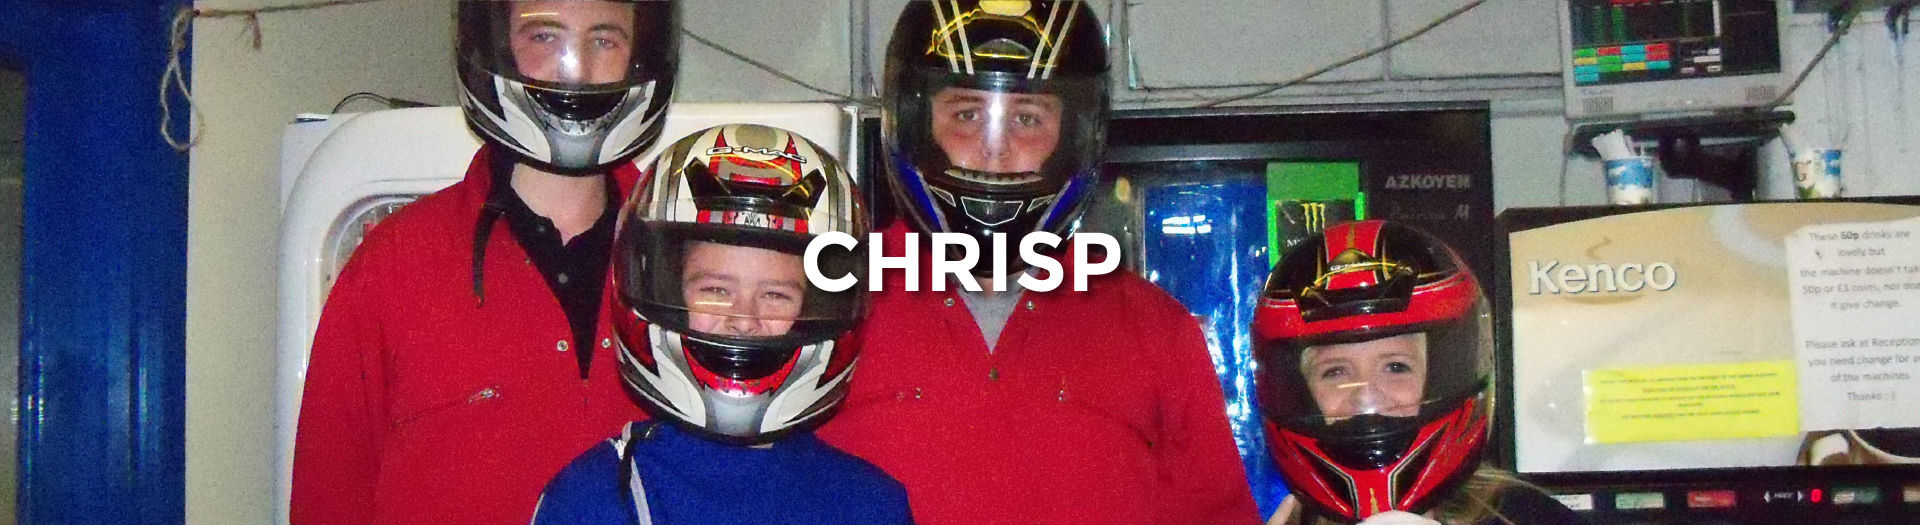 CHRISP